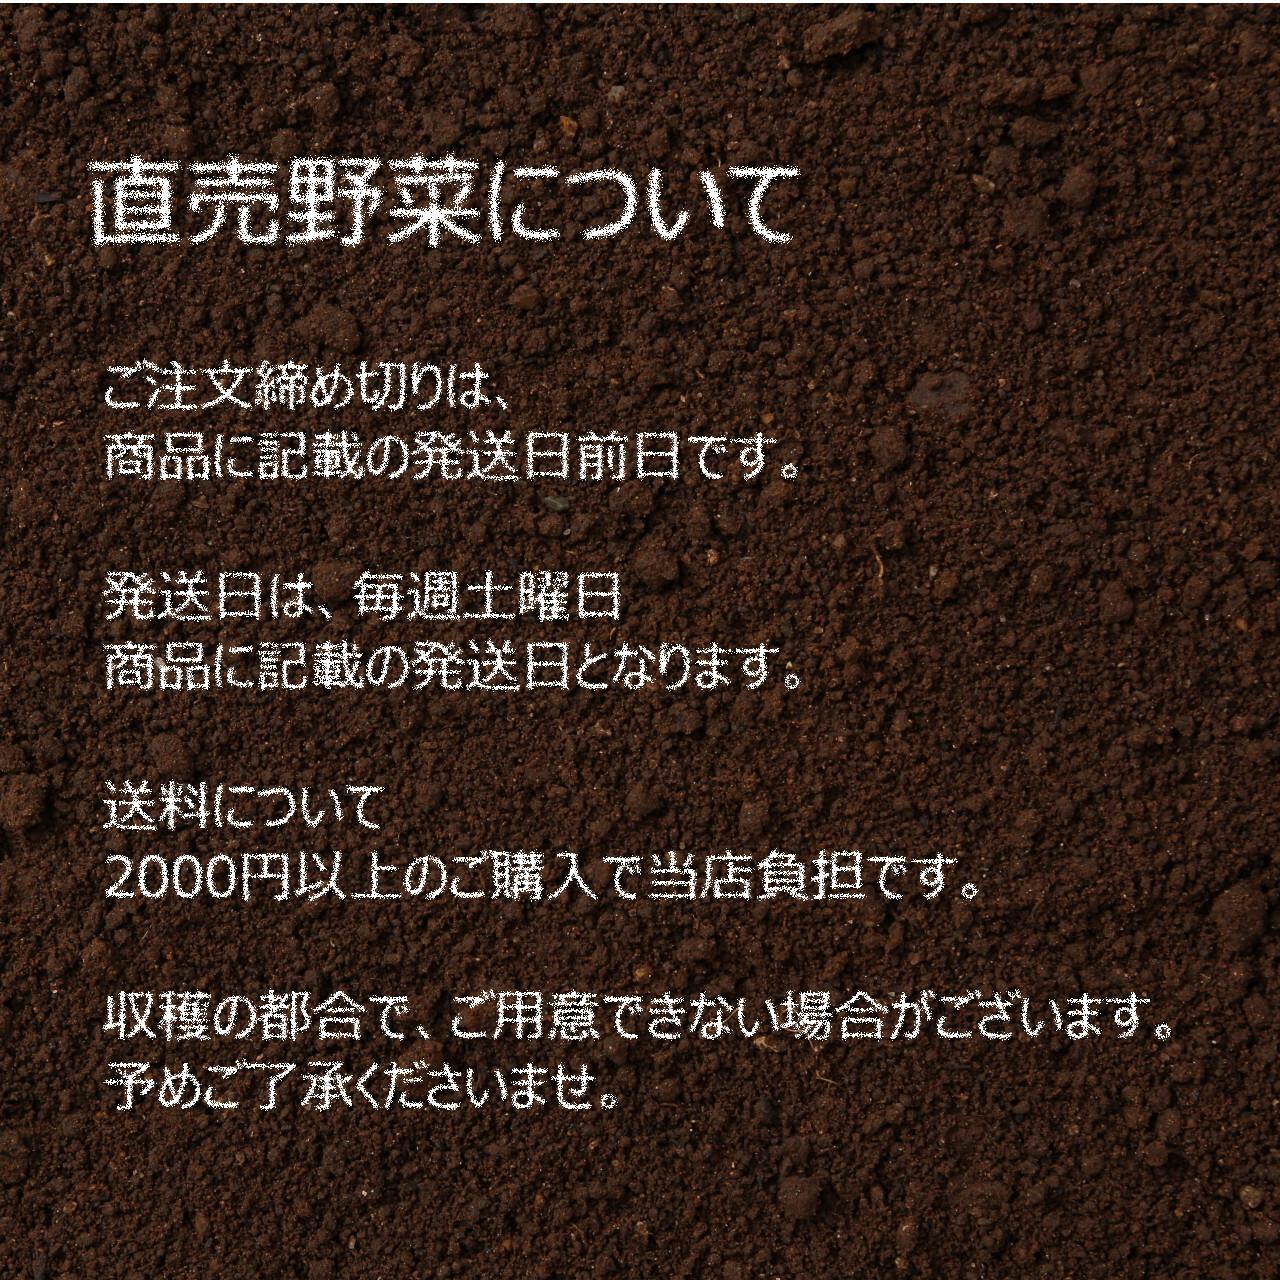 5月の朝採り直売野菜:ニラ 約250g 春の新鮮野菜 5月16日発送予定